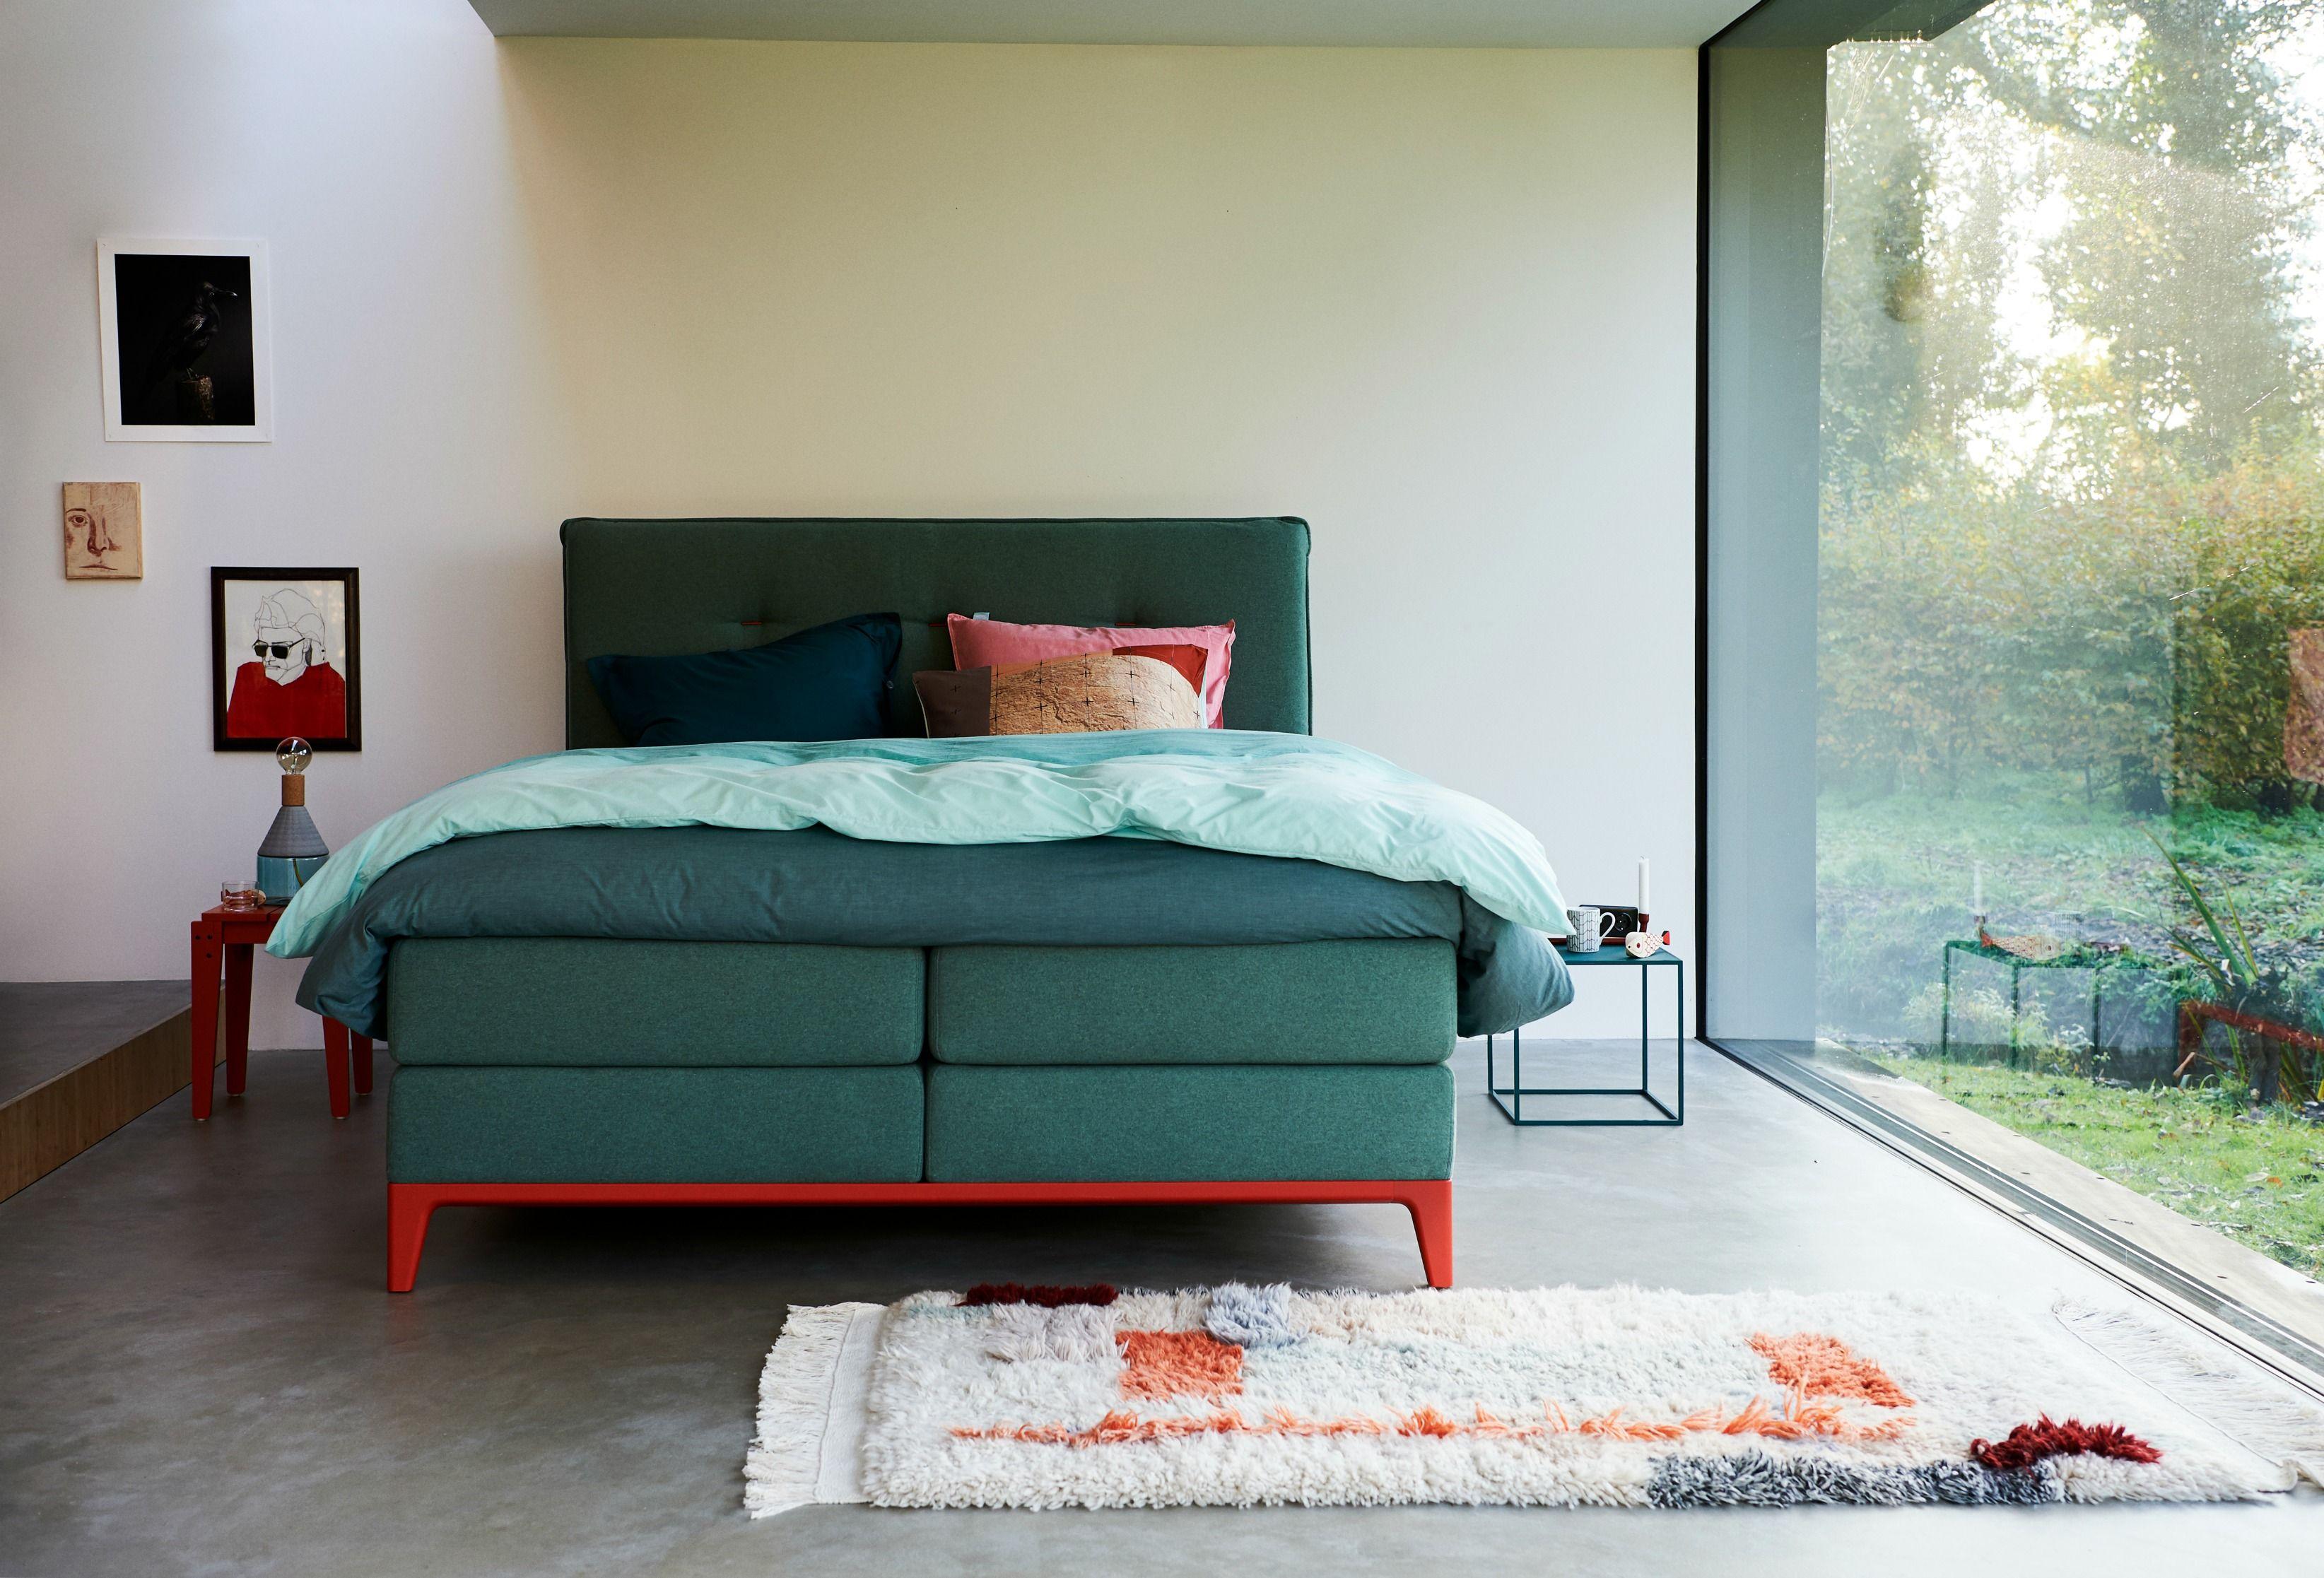 Schlafzimmer Bilder ~ Boxspringbett criade mit dem kopfteil cushion: der blickfang in